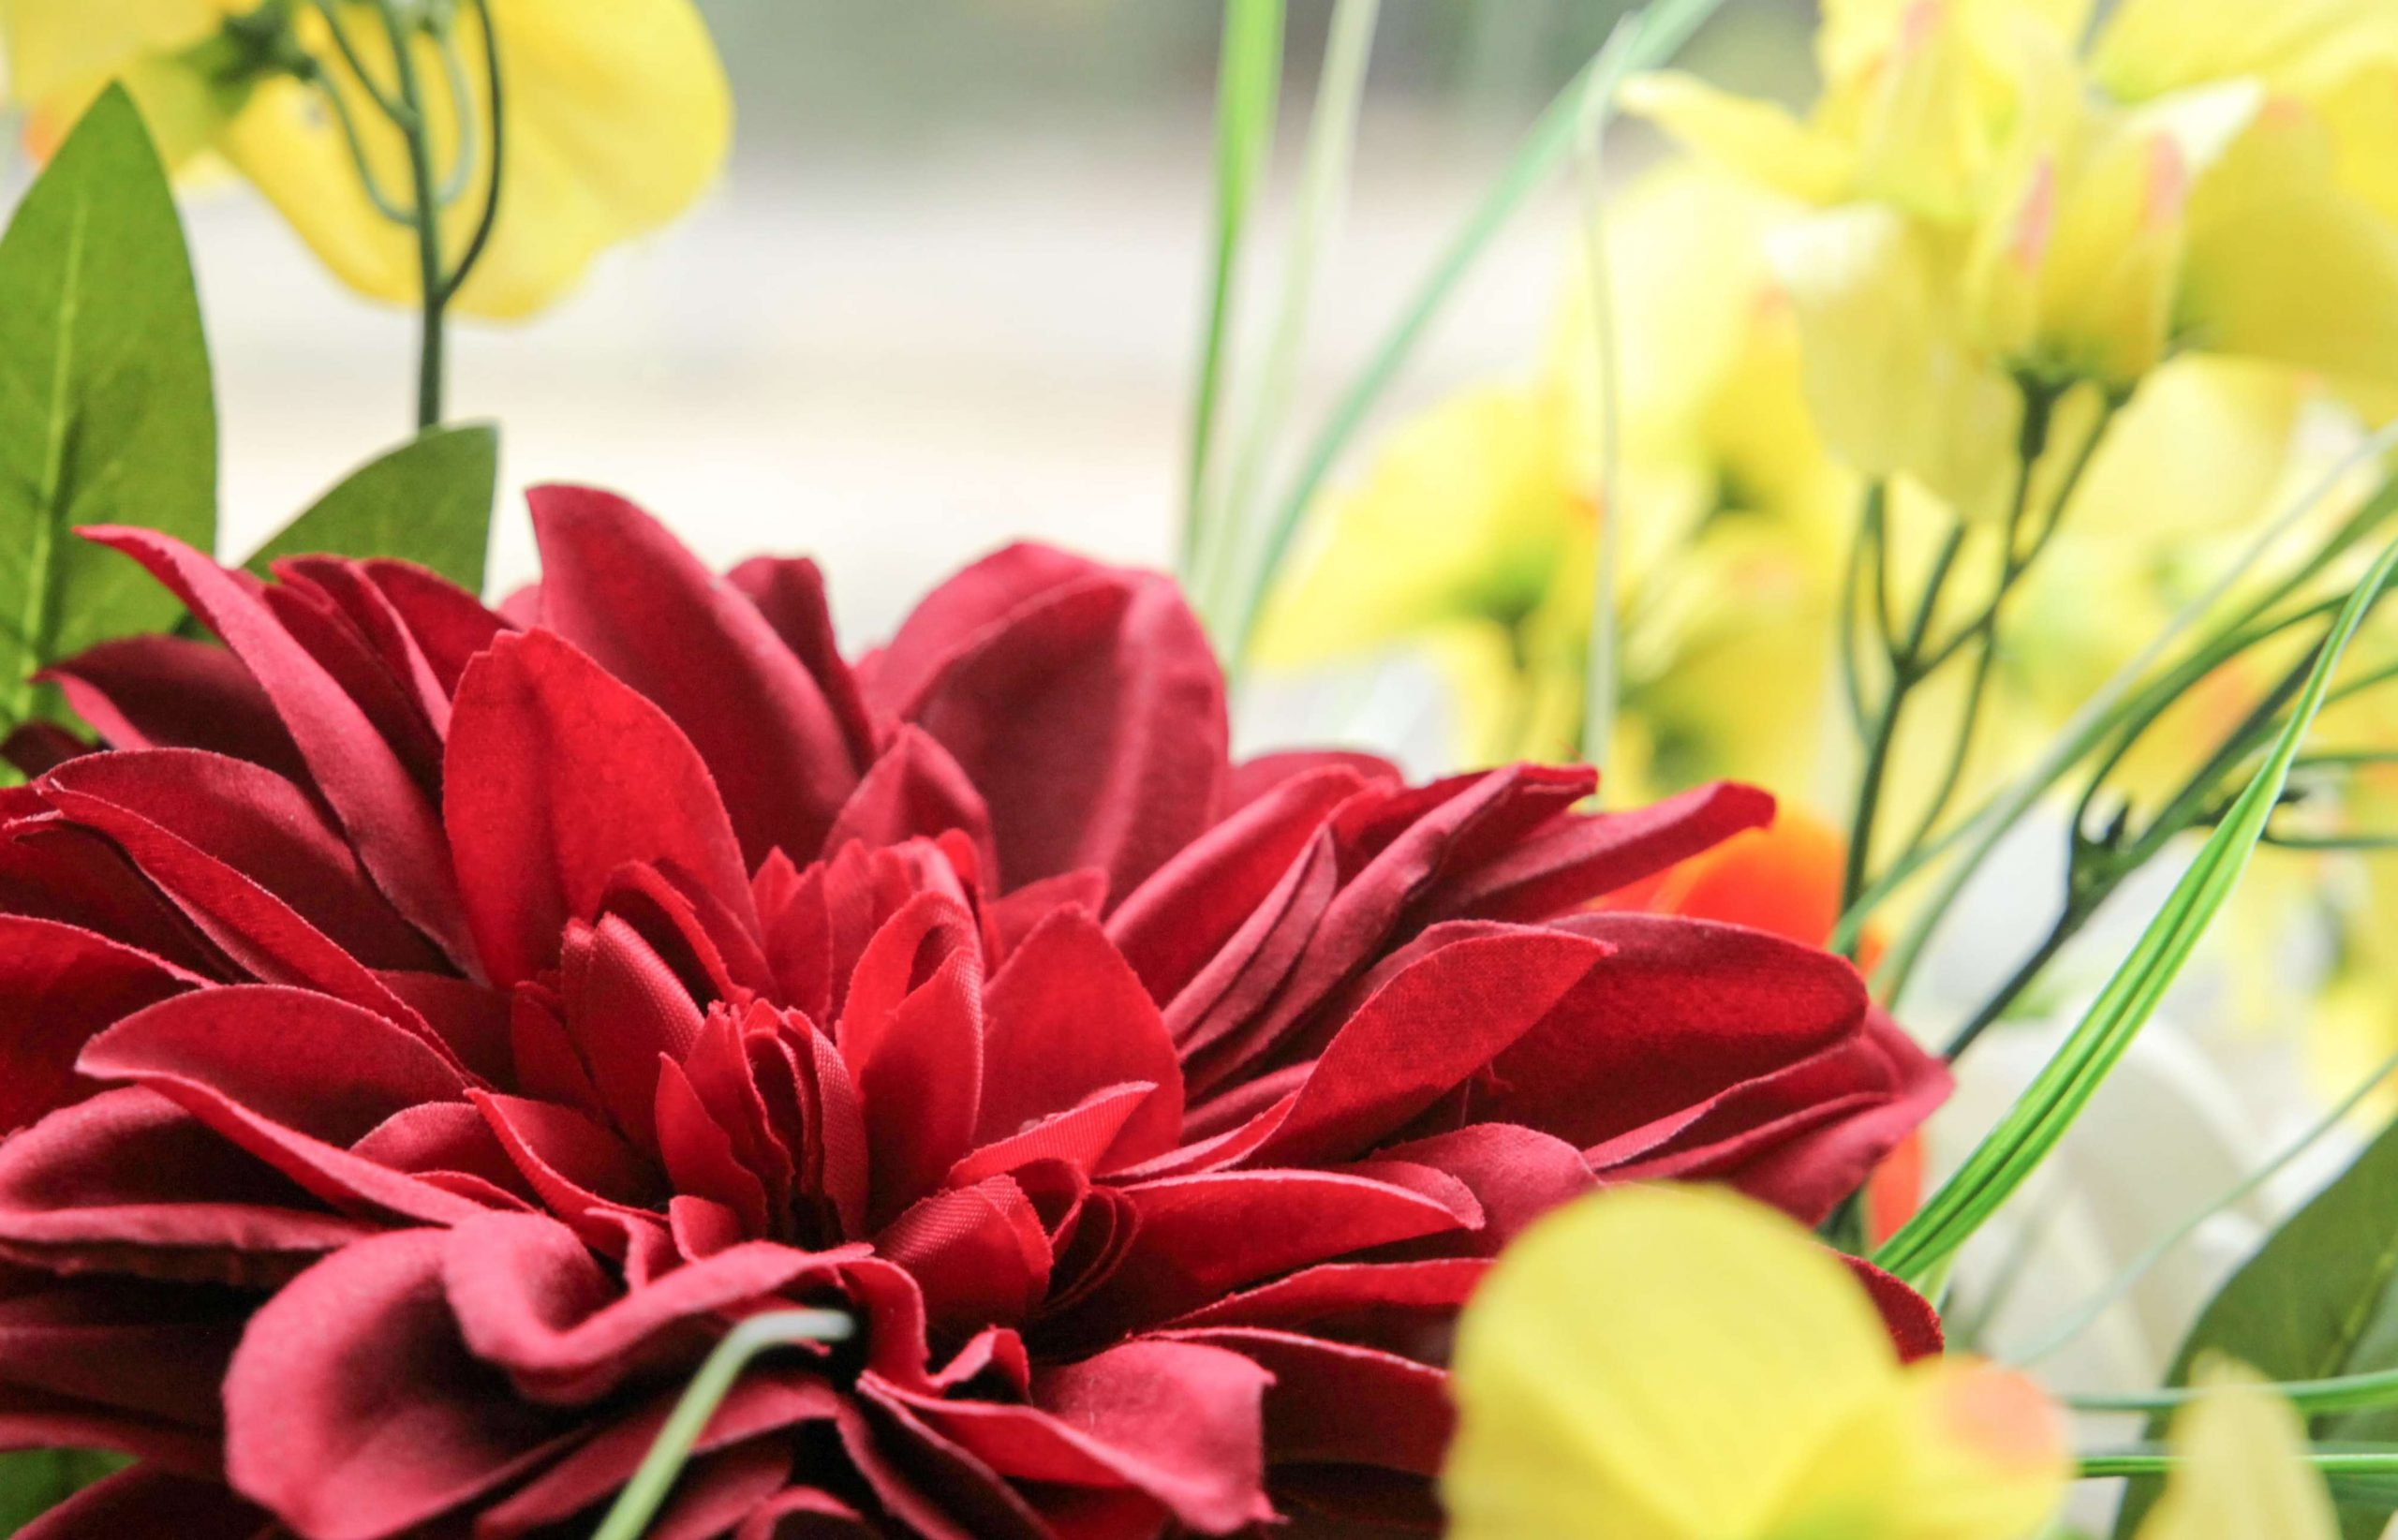 Mākslīgie ziedi, koki, kompozīcijas, pušķi